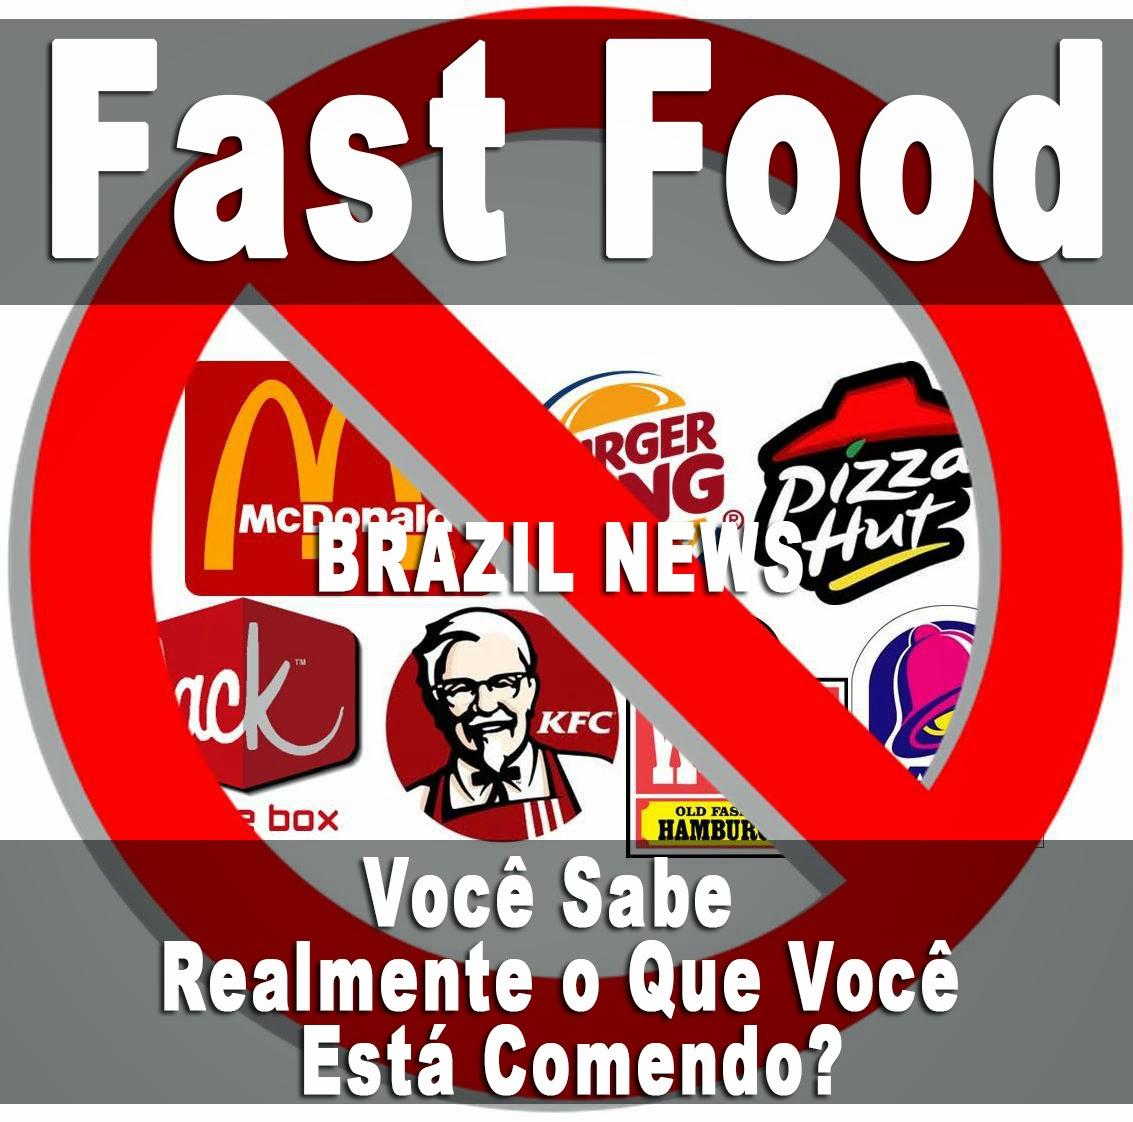 FAST FOOD (VENENO LENTO)